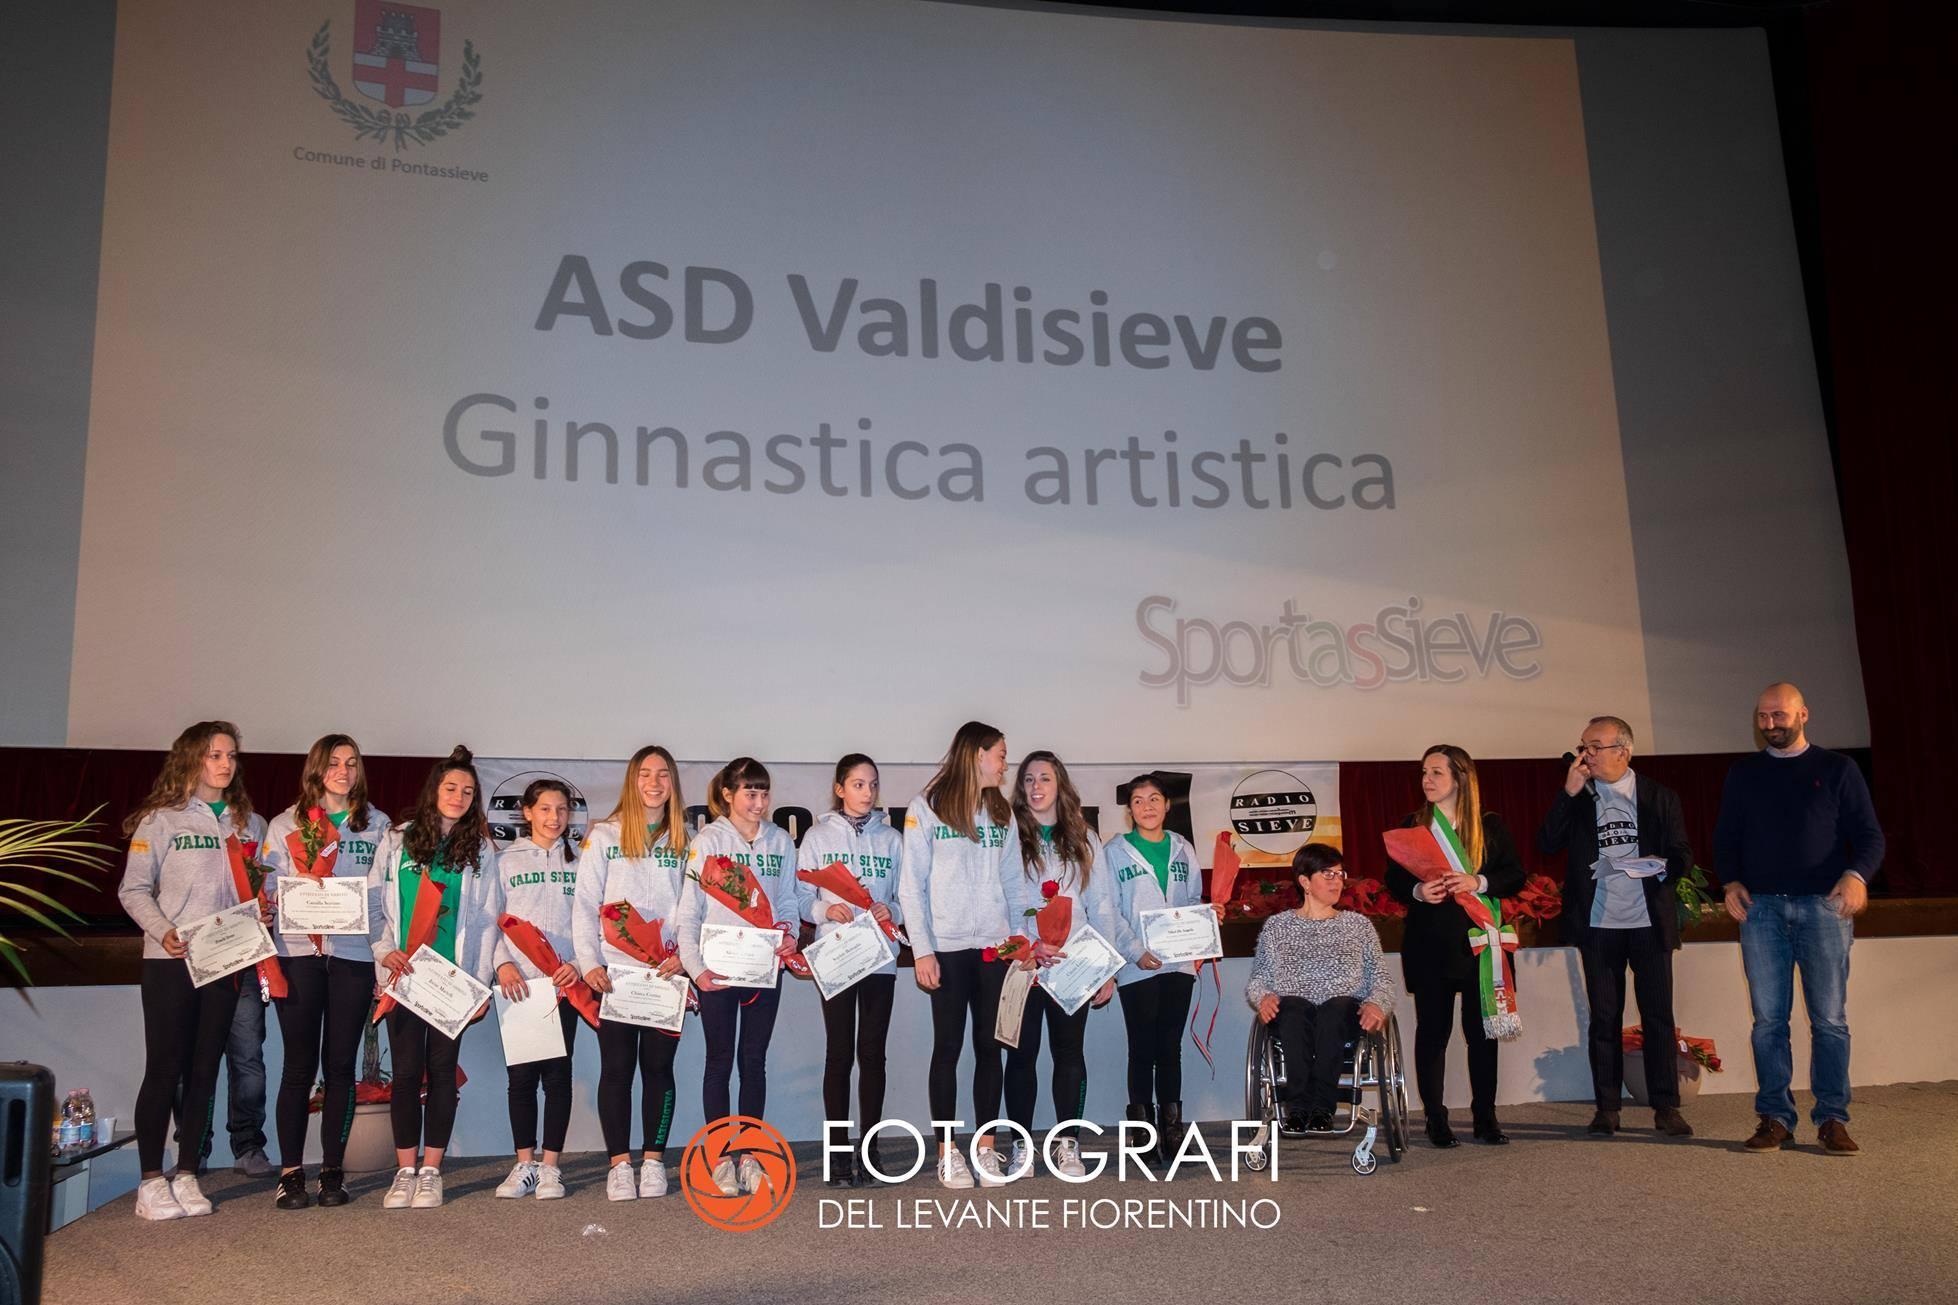 Premiazione Sportassieve 2018